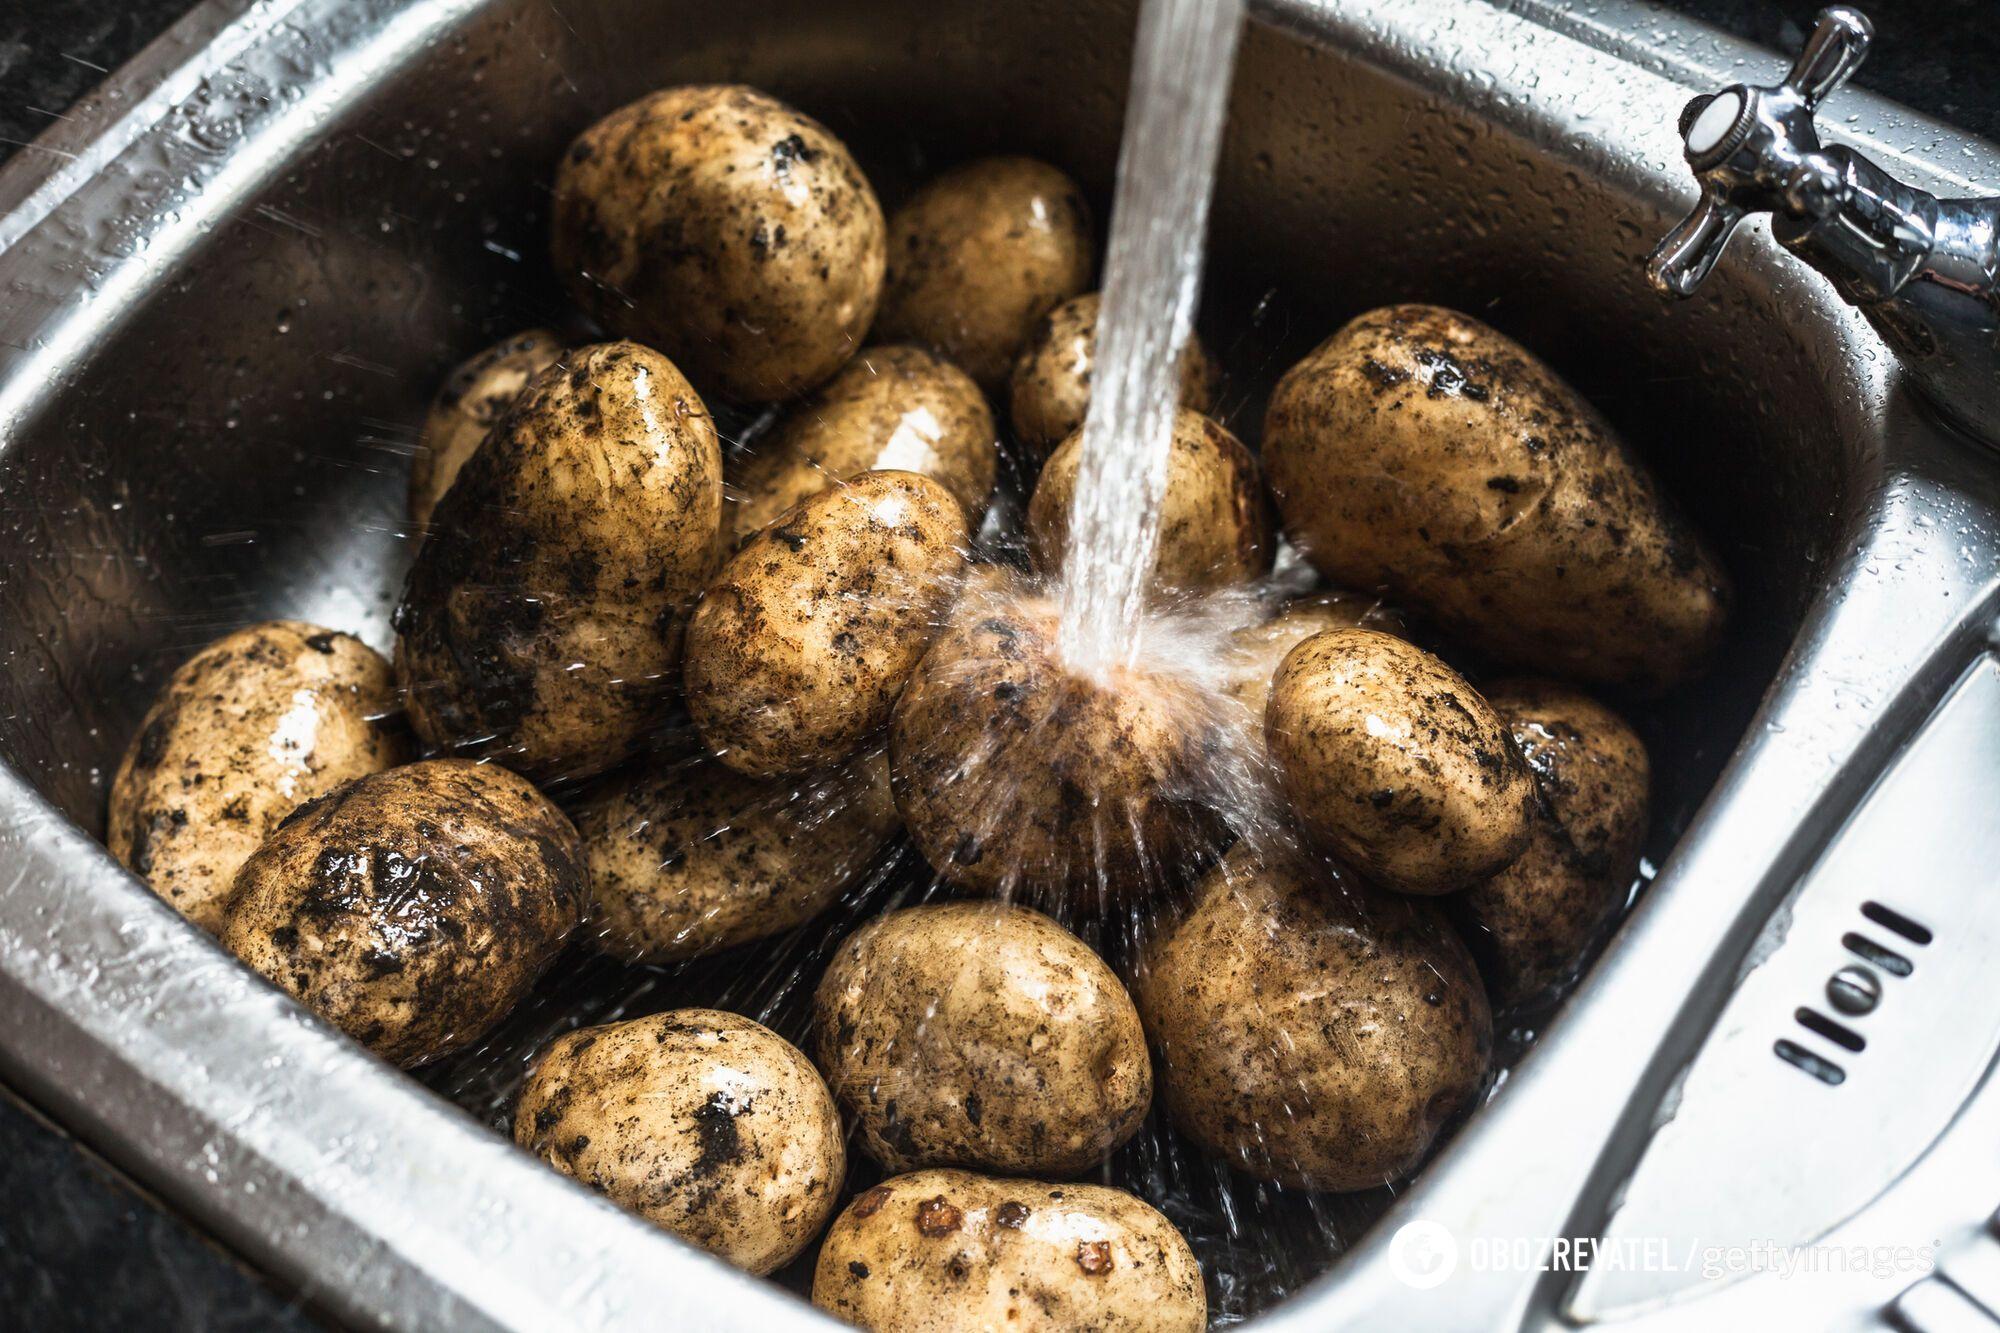 За допомогою води можна швидко очистити картоплю